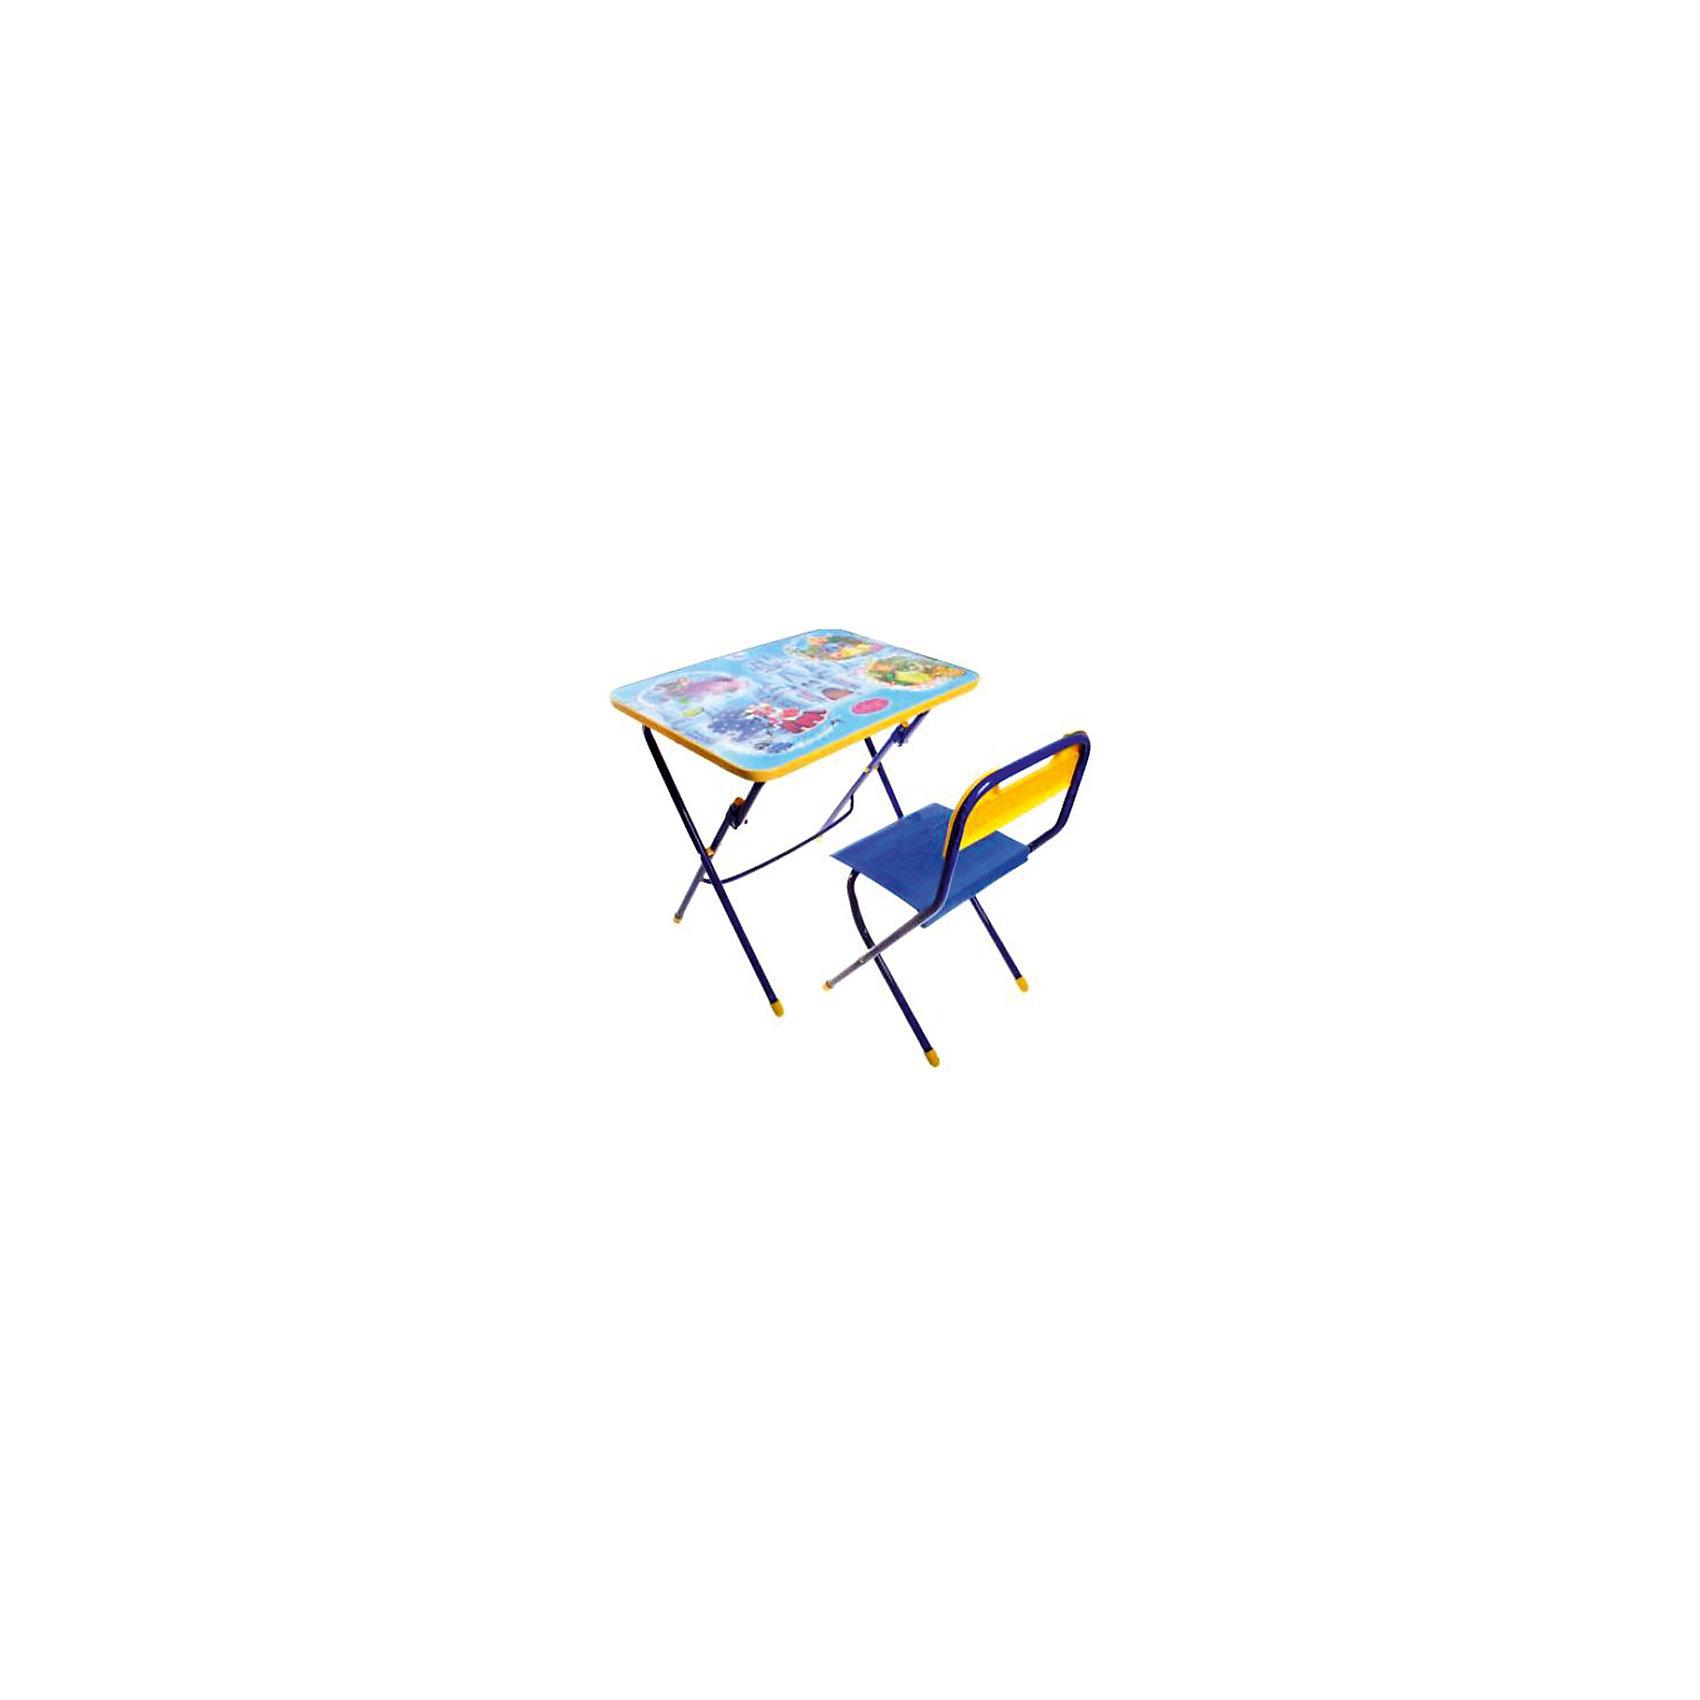 Набор мебели Волшебный мир принцессМебель<br>Набор детской мебели Волшебный мир принцесс состоит из двух предметов: стол-парта и стульчик.  На крышке столика изображены рисунки способствующие развитию ребенка.<br><br>Дополнительная информация:<br><br>В комплект входит стол-парта и стул с пластиковым сиденьем.<br>- Металлический каркас.<br>- Столешница облицована пленкой с тематическими рисунками.<br>- На ножках стула установлены пластмассовые наконечники.<br>- Размер столика: 60х45х57 см.<br>- Размер стула: высота до сиденья 34 см, высота со спинкой 59 см.<br>Сиденье: 30х30 см.<br>- Возраст: от 3-х лет<br><br>Набор мебели Волшебный мир принцесс можно купить в нашем магазине.<br><br>Ширина мм: 580<br>Глубина мм: 120<br>Высота мм: 450<br>Вес г: 7050<br>Возраст от месяцев: 36<br>Возраст до месяцев: 108<br>Пол: Унисекс<br>Возраст: Детский<br>SKU: 4718358